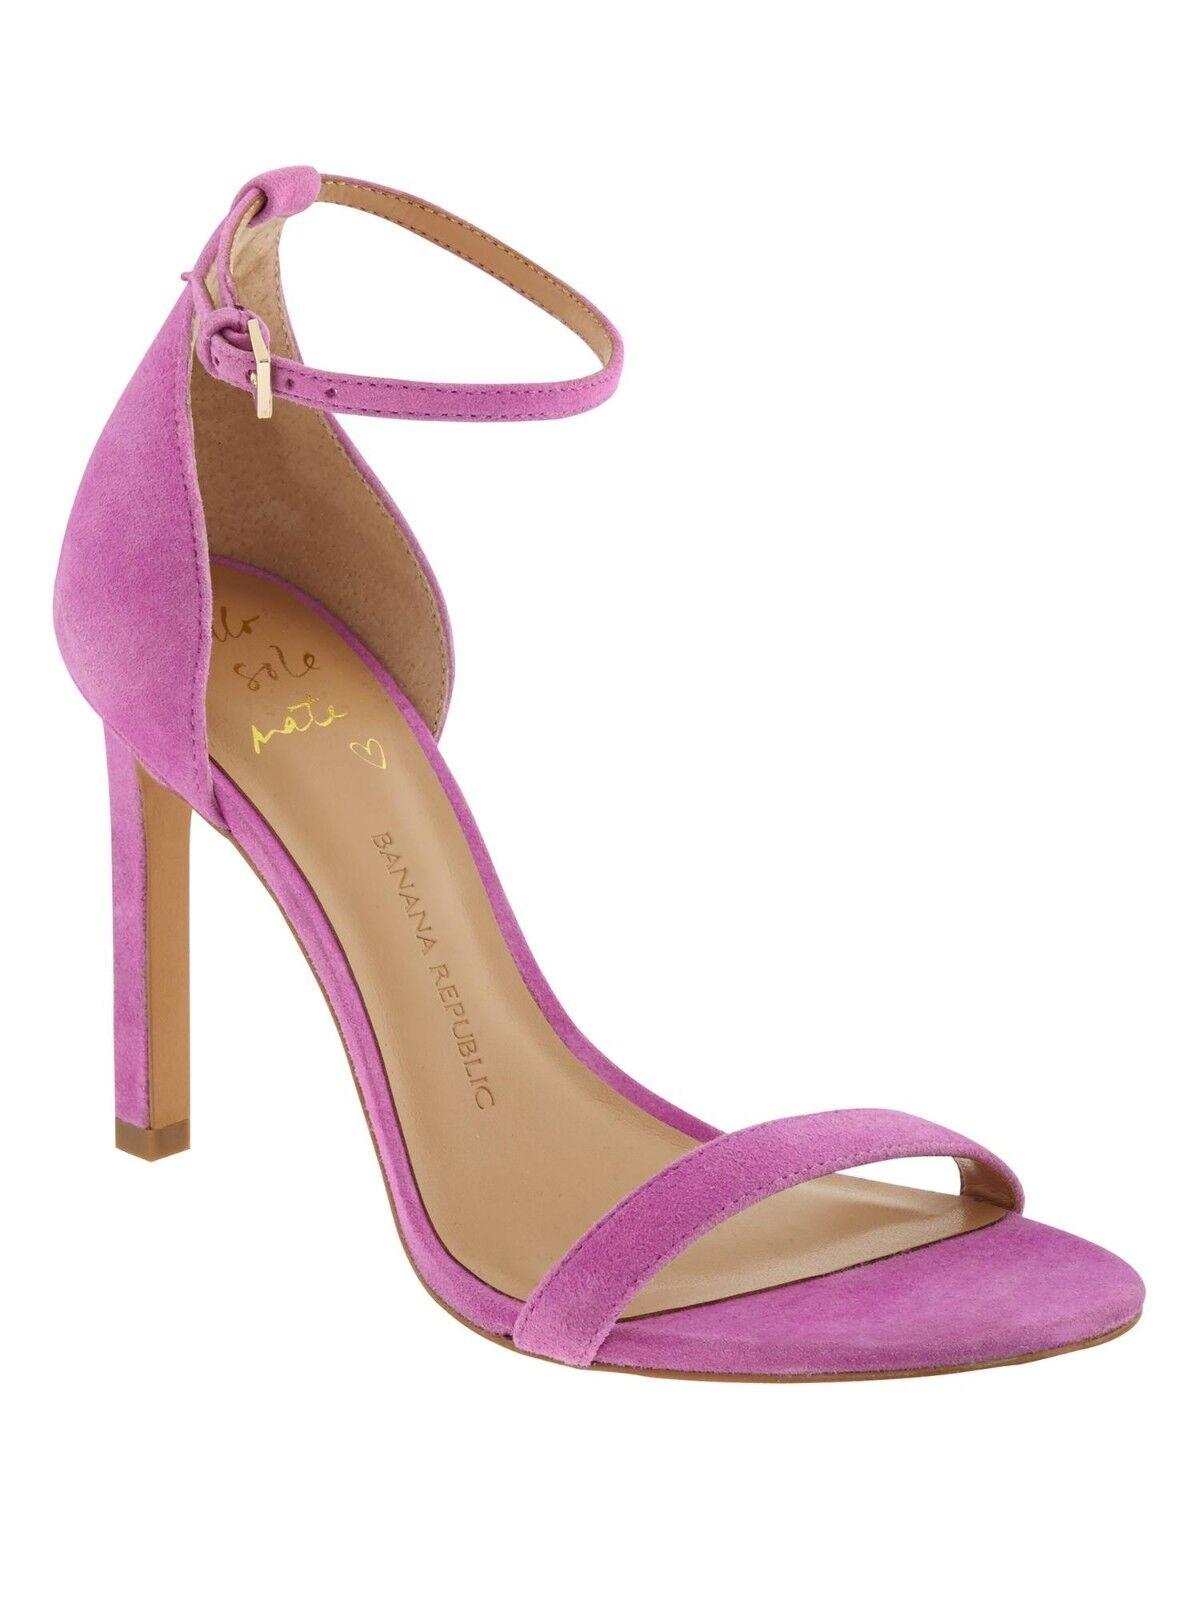 Banana Republic HOLLAND à talon sandale, Neon Violet Taille 8 M  183486